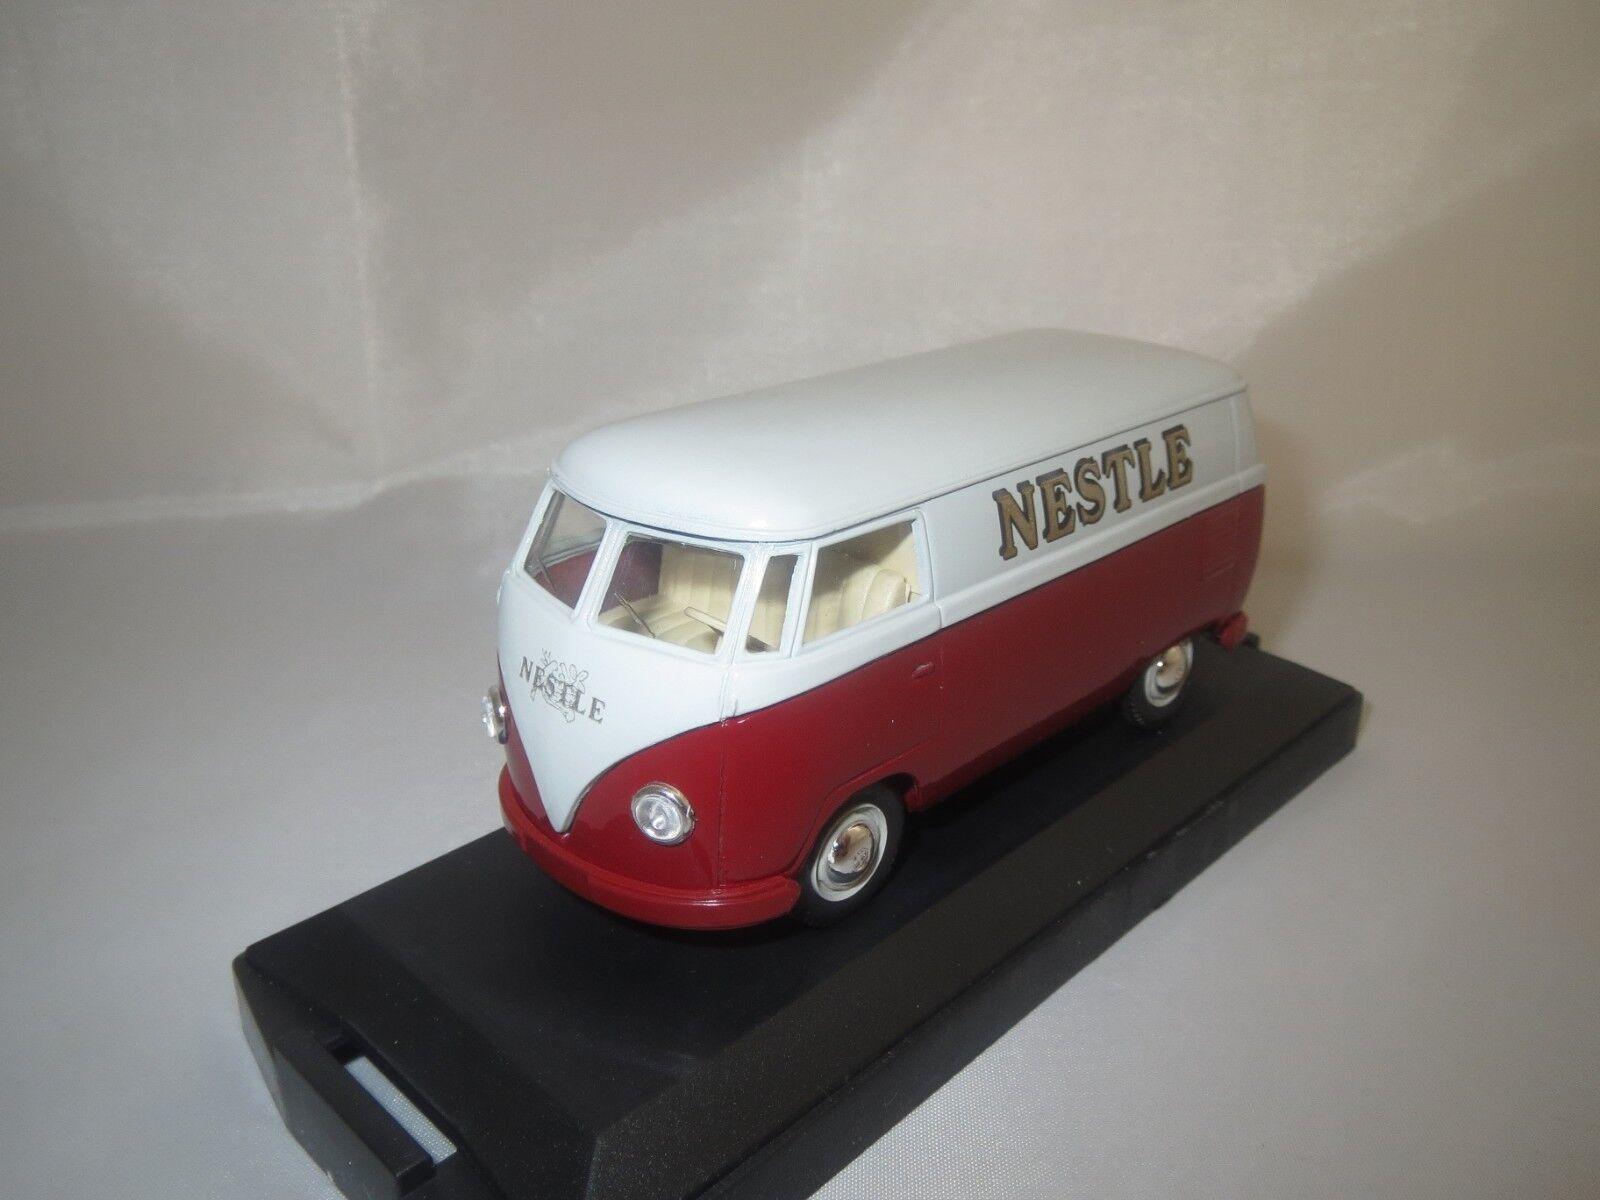 tomamos a los clientes como nuestro dios Vitesse volkswagen matrícula (nestle) 1 1 1 43 en embalaje original   precios razonables